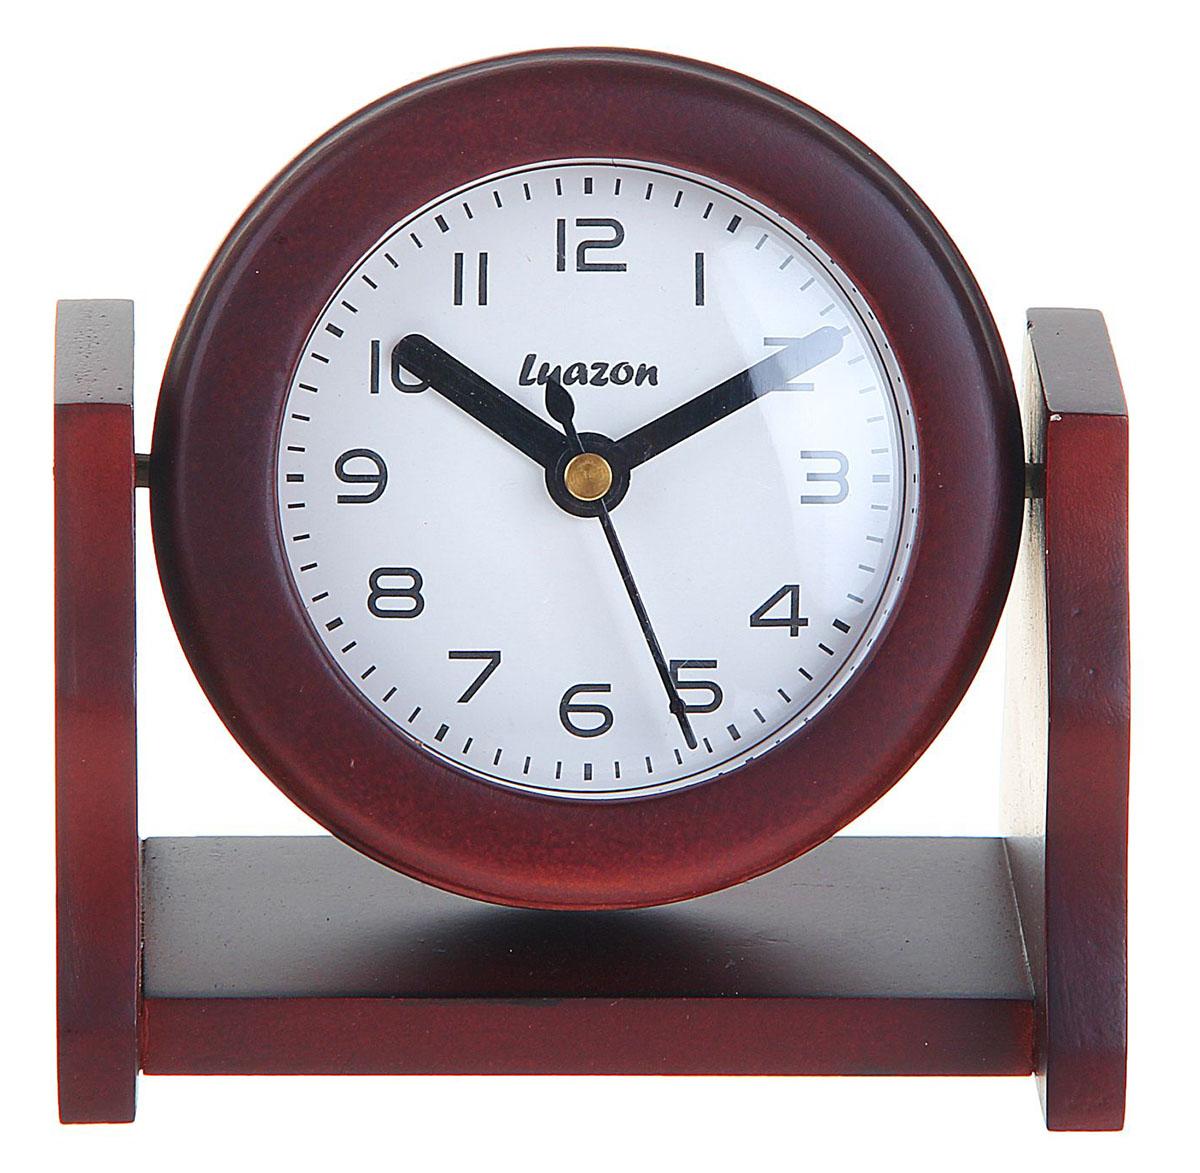 Часы настольные Дерево. Круг, 11,5 х 8 см. 872884872884Каждому хозяину периодически приходит мысль обновить свою квартиру, сделать ремонт, перестановку или кардинально поменять внешний вид каждой комнаты. Часы Дерево, Круг на вращающейся подставке, сосна — привлекательная деталь, которая поможет воплотить вашу интерьерную идею, создать неповторимую атмосферу в вашем доме. Окружите себя приятными мелочами, пусть они радуют глаз и дарят гармонию.